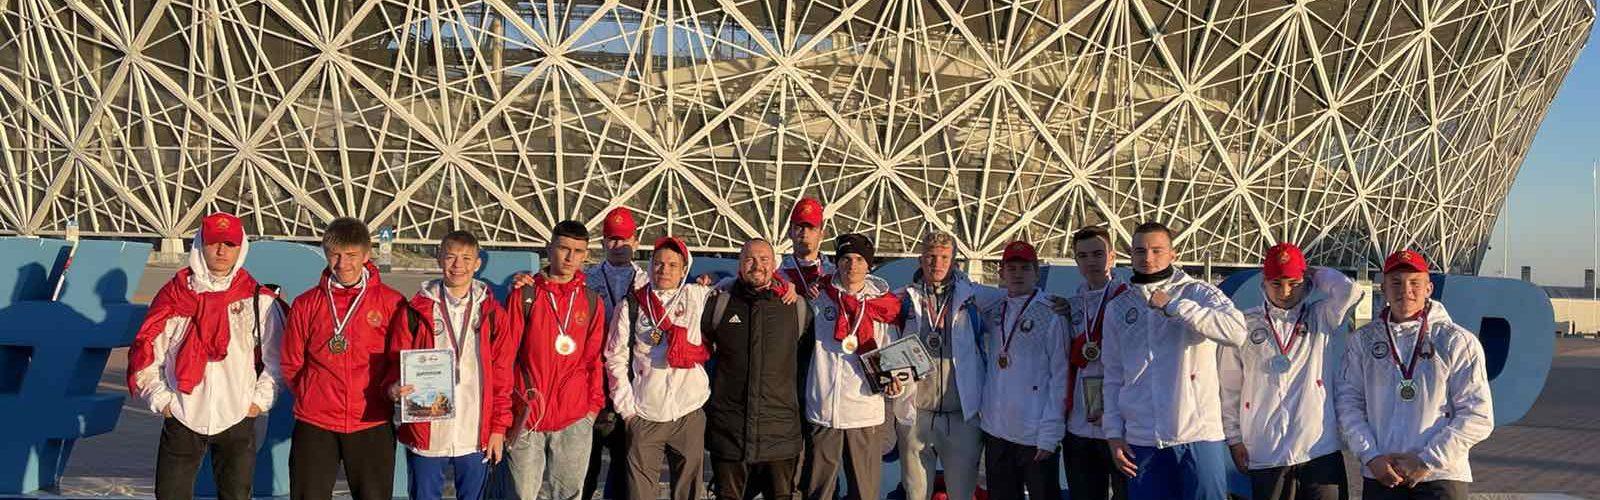 II место по футболу, в рамках Спартакиады Союзного государства (г. Волгоград)